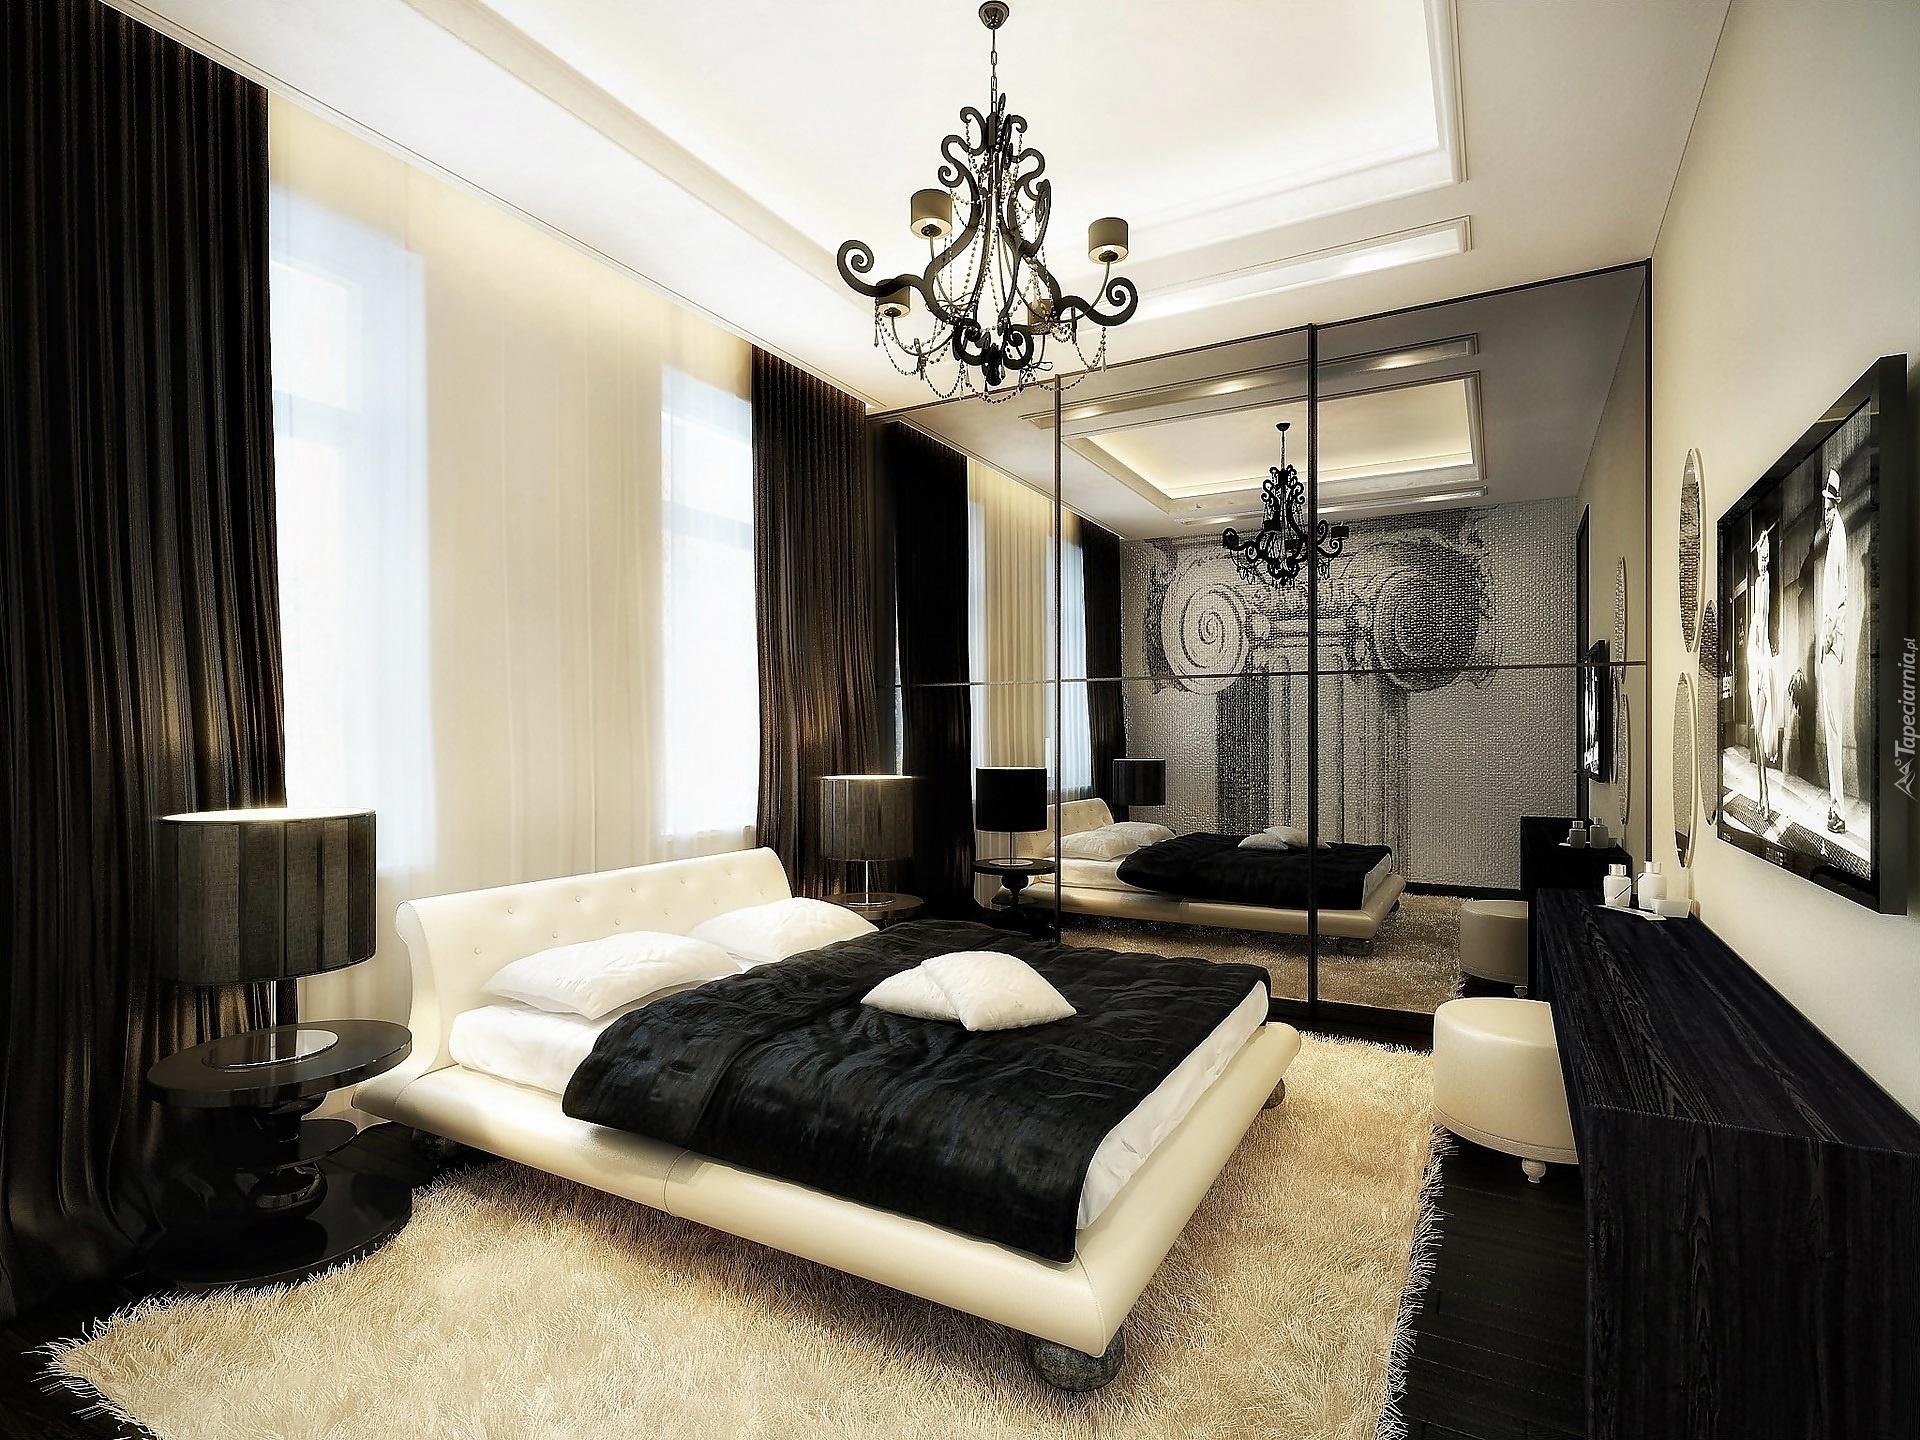 Dom Wnętrze Czarno Biała Sypialnia Lustra